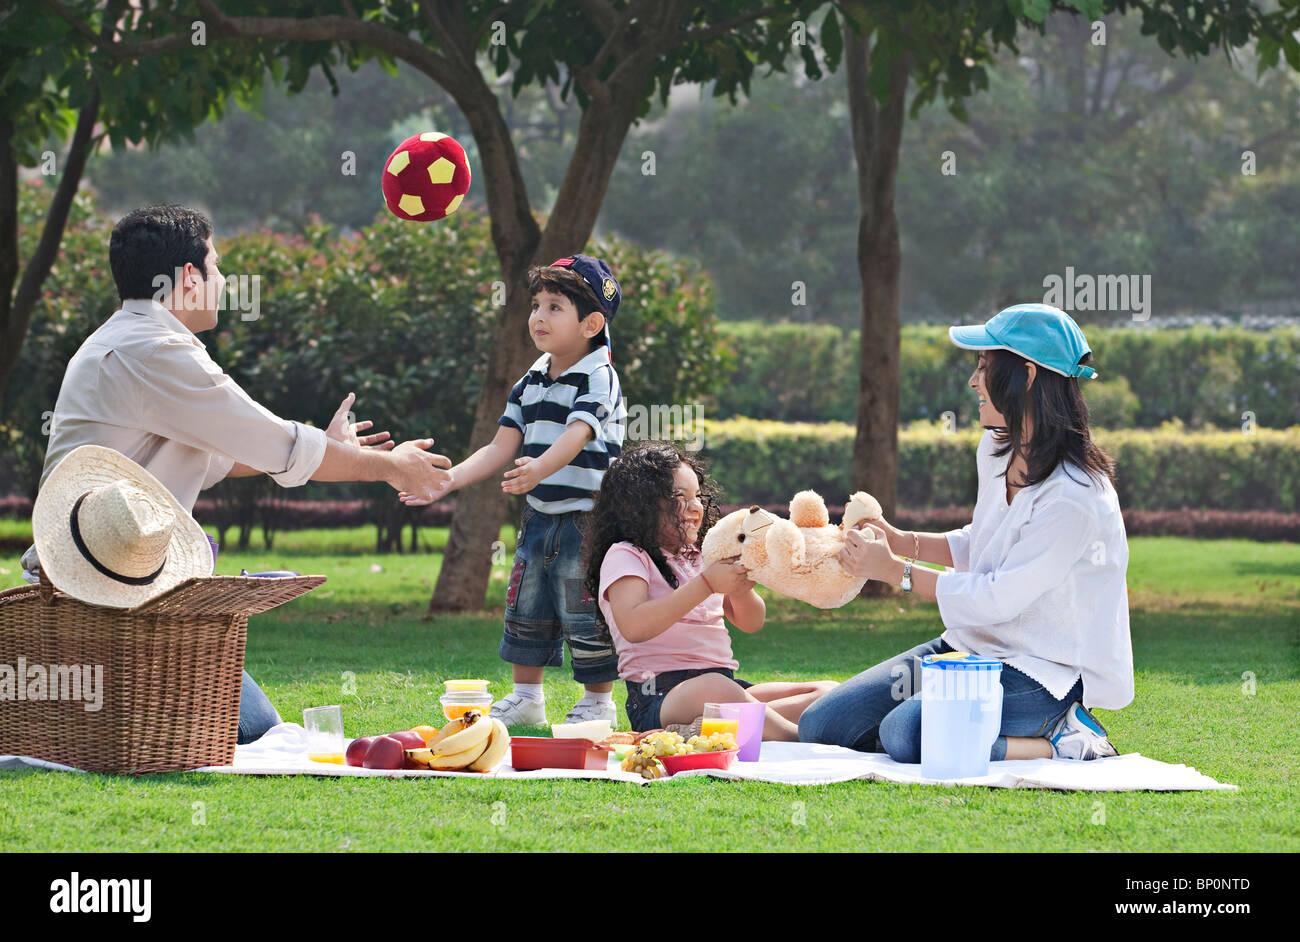 Family having fun at a picnic - Stock Image